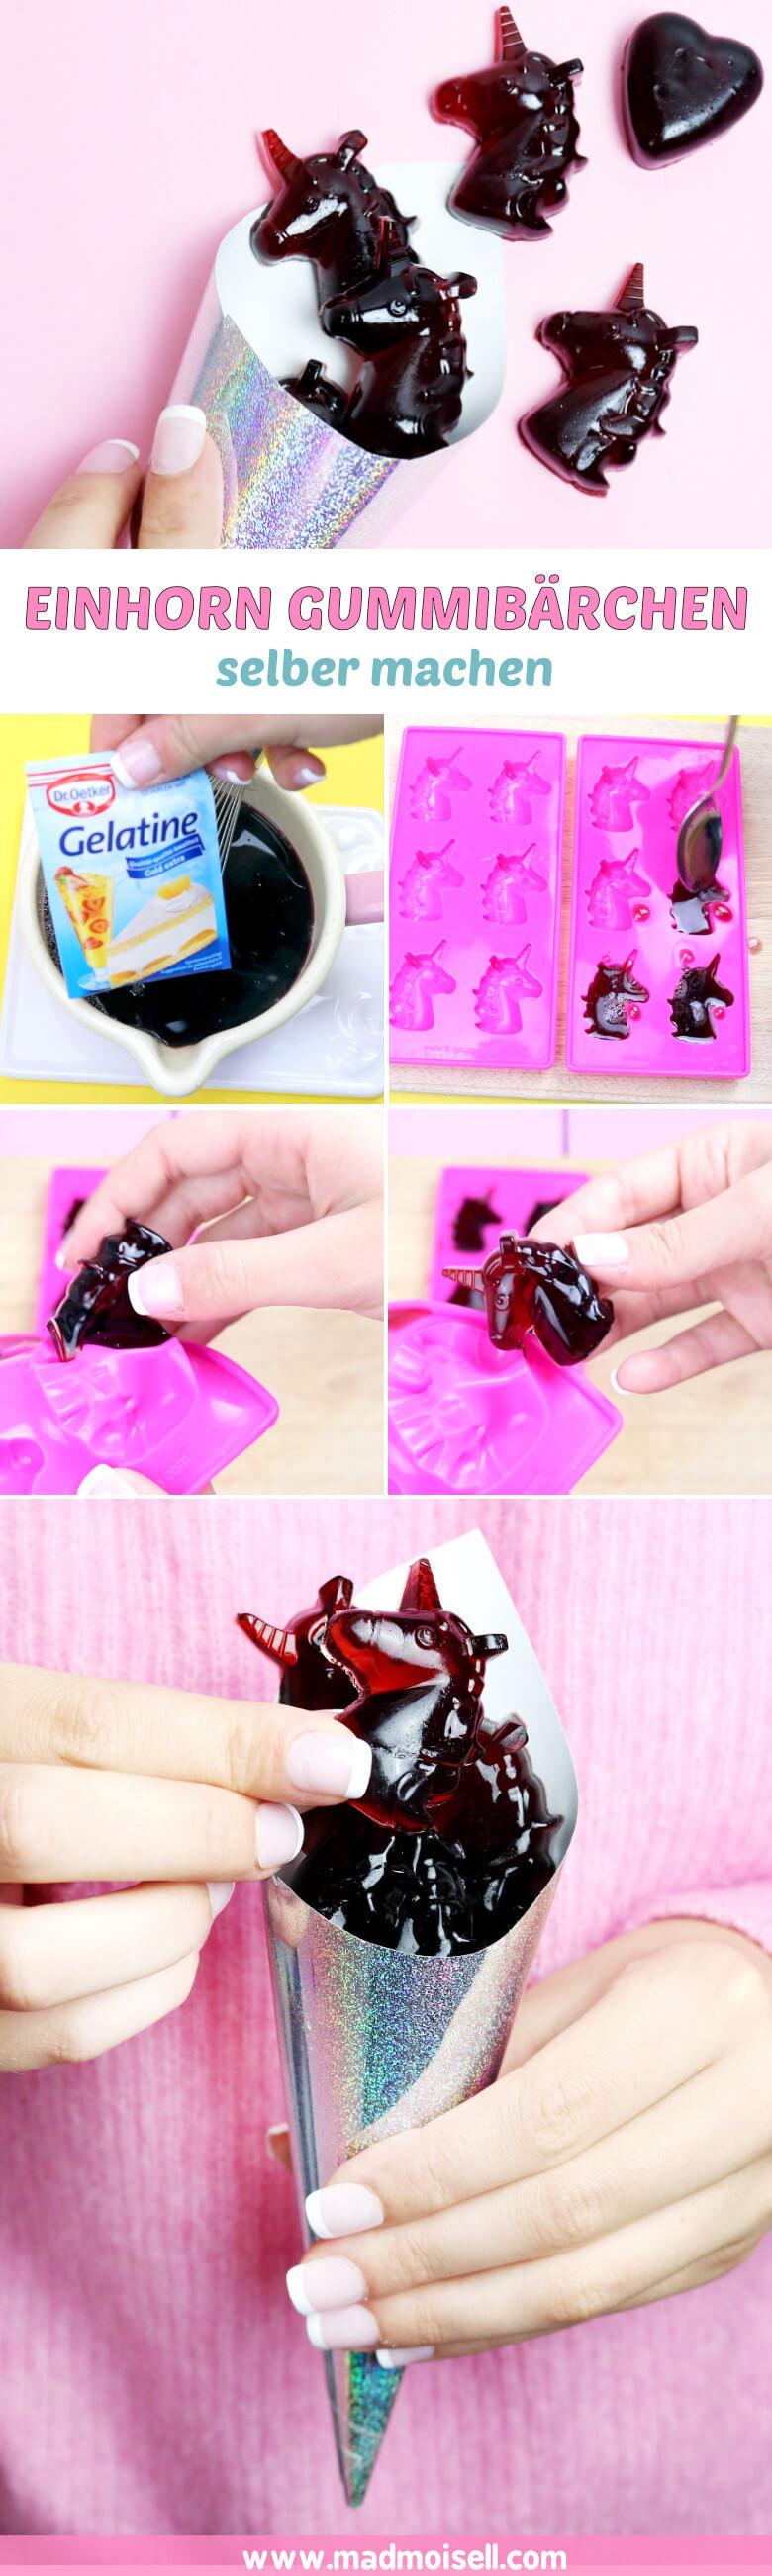 gummib rchen selber machen einfaches rezept mit gelinggarantie. Black Bedroom Furniture Sets. Home Design Ideas